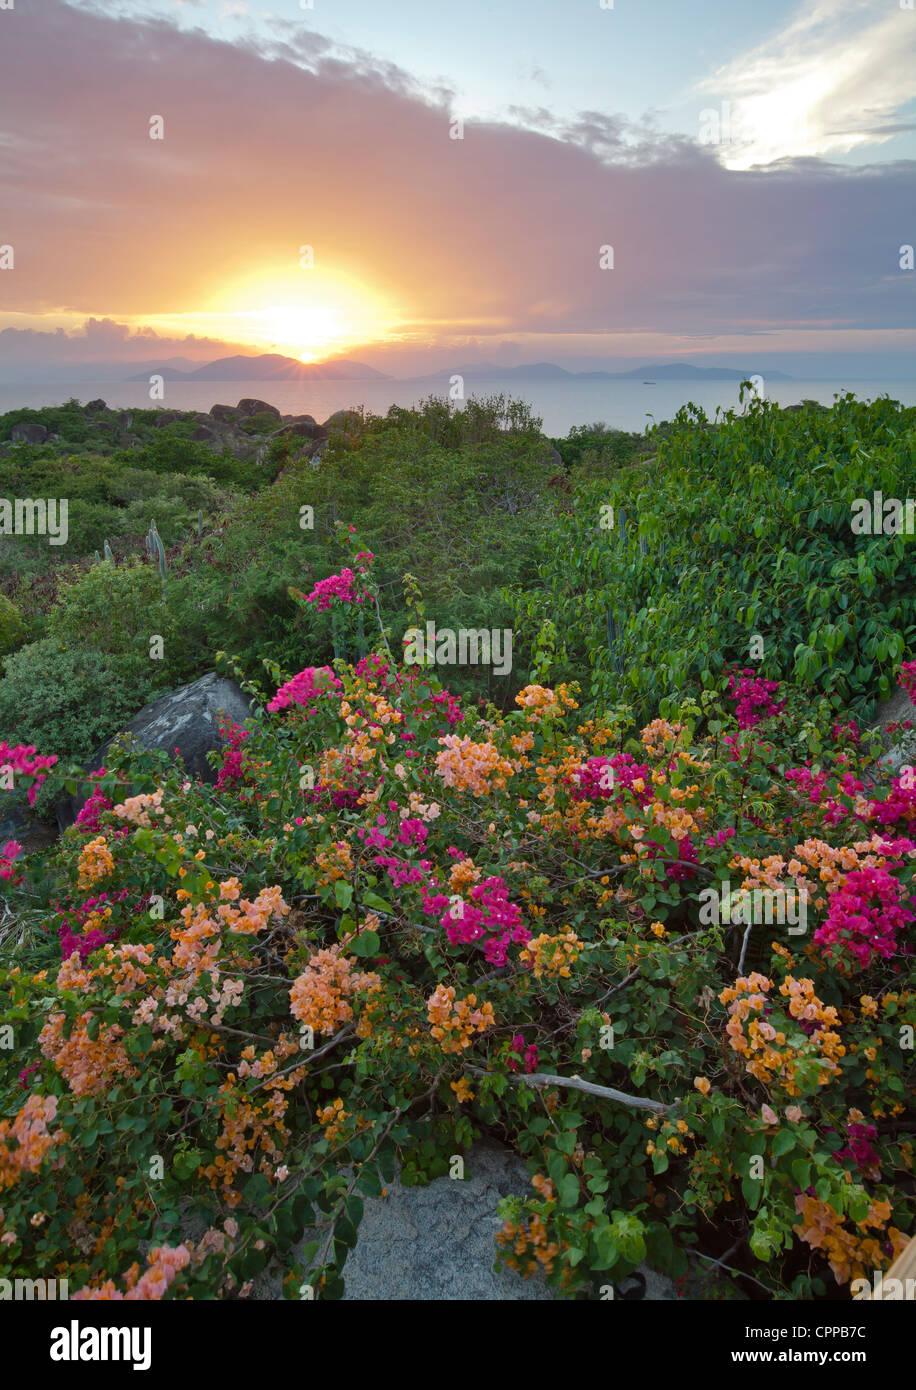 Virgin Gorda, Britische Jungferninseln, Karibik: Blick auf die untergehende Sonne über fernen Inseln in der Stockbild